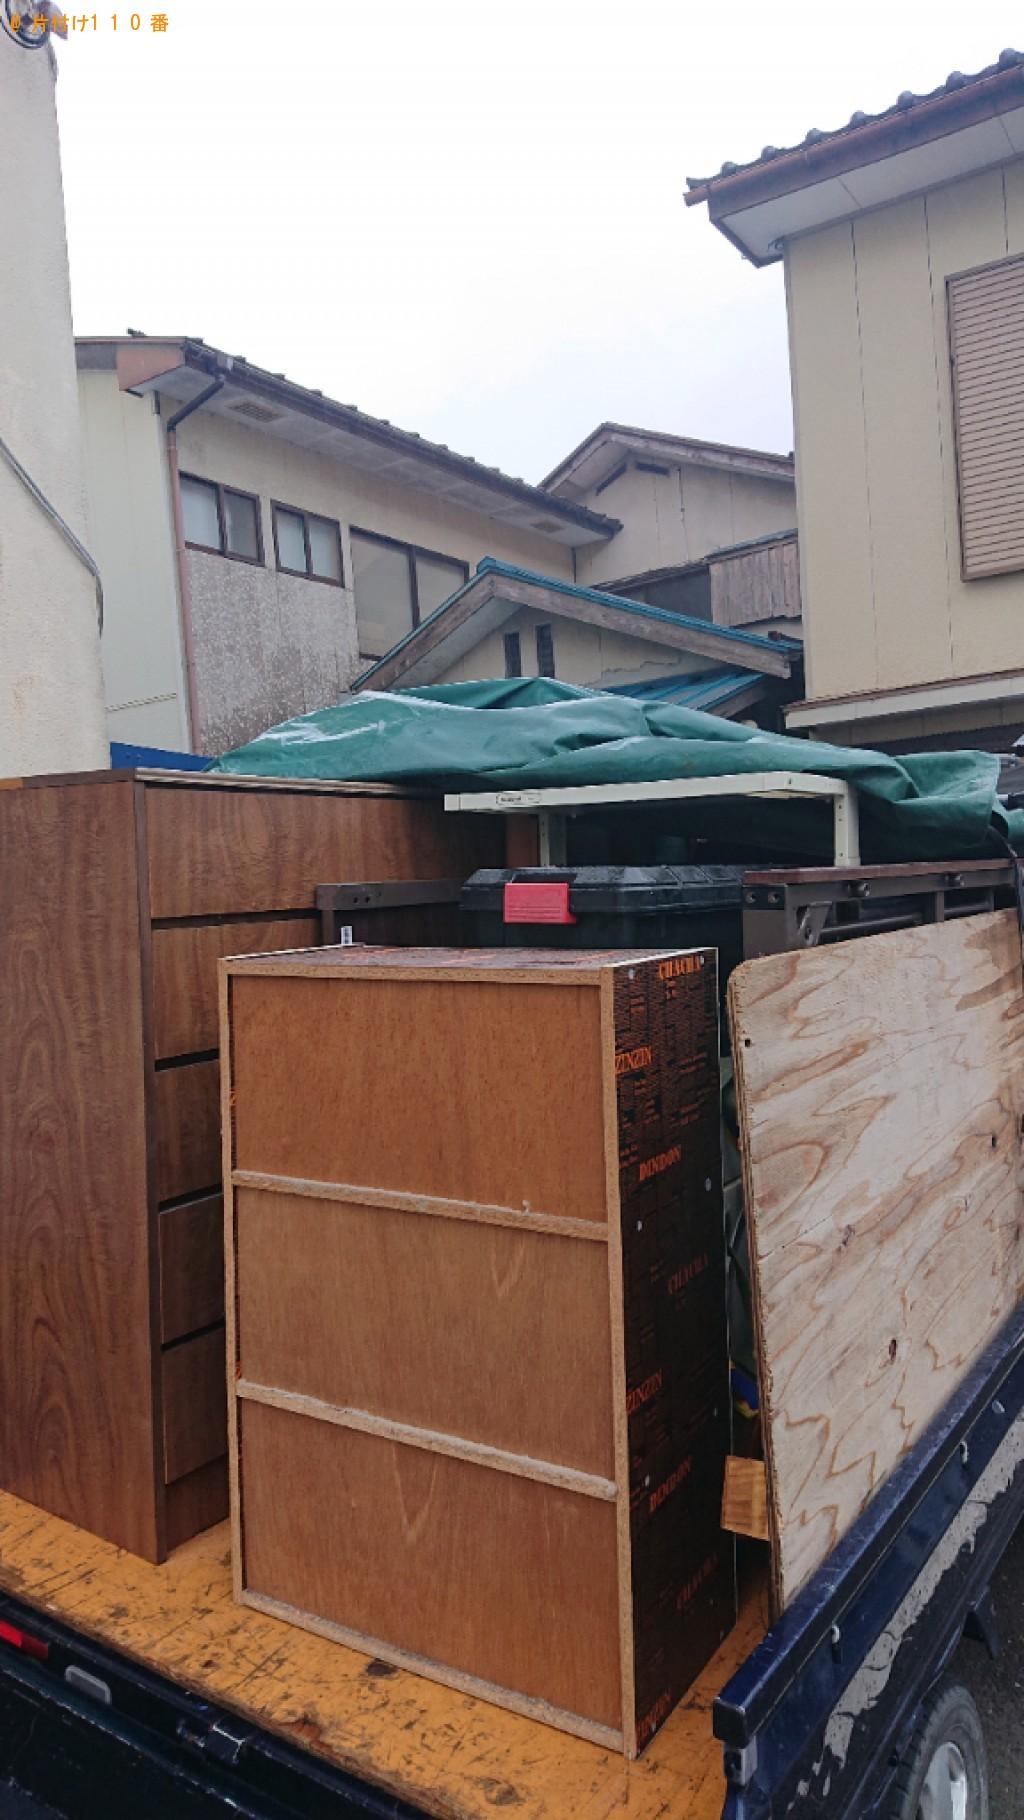 【小浜市後瀬町】洗濯機、タンス、布団、衣類、衣類乾燥機等の回収